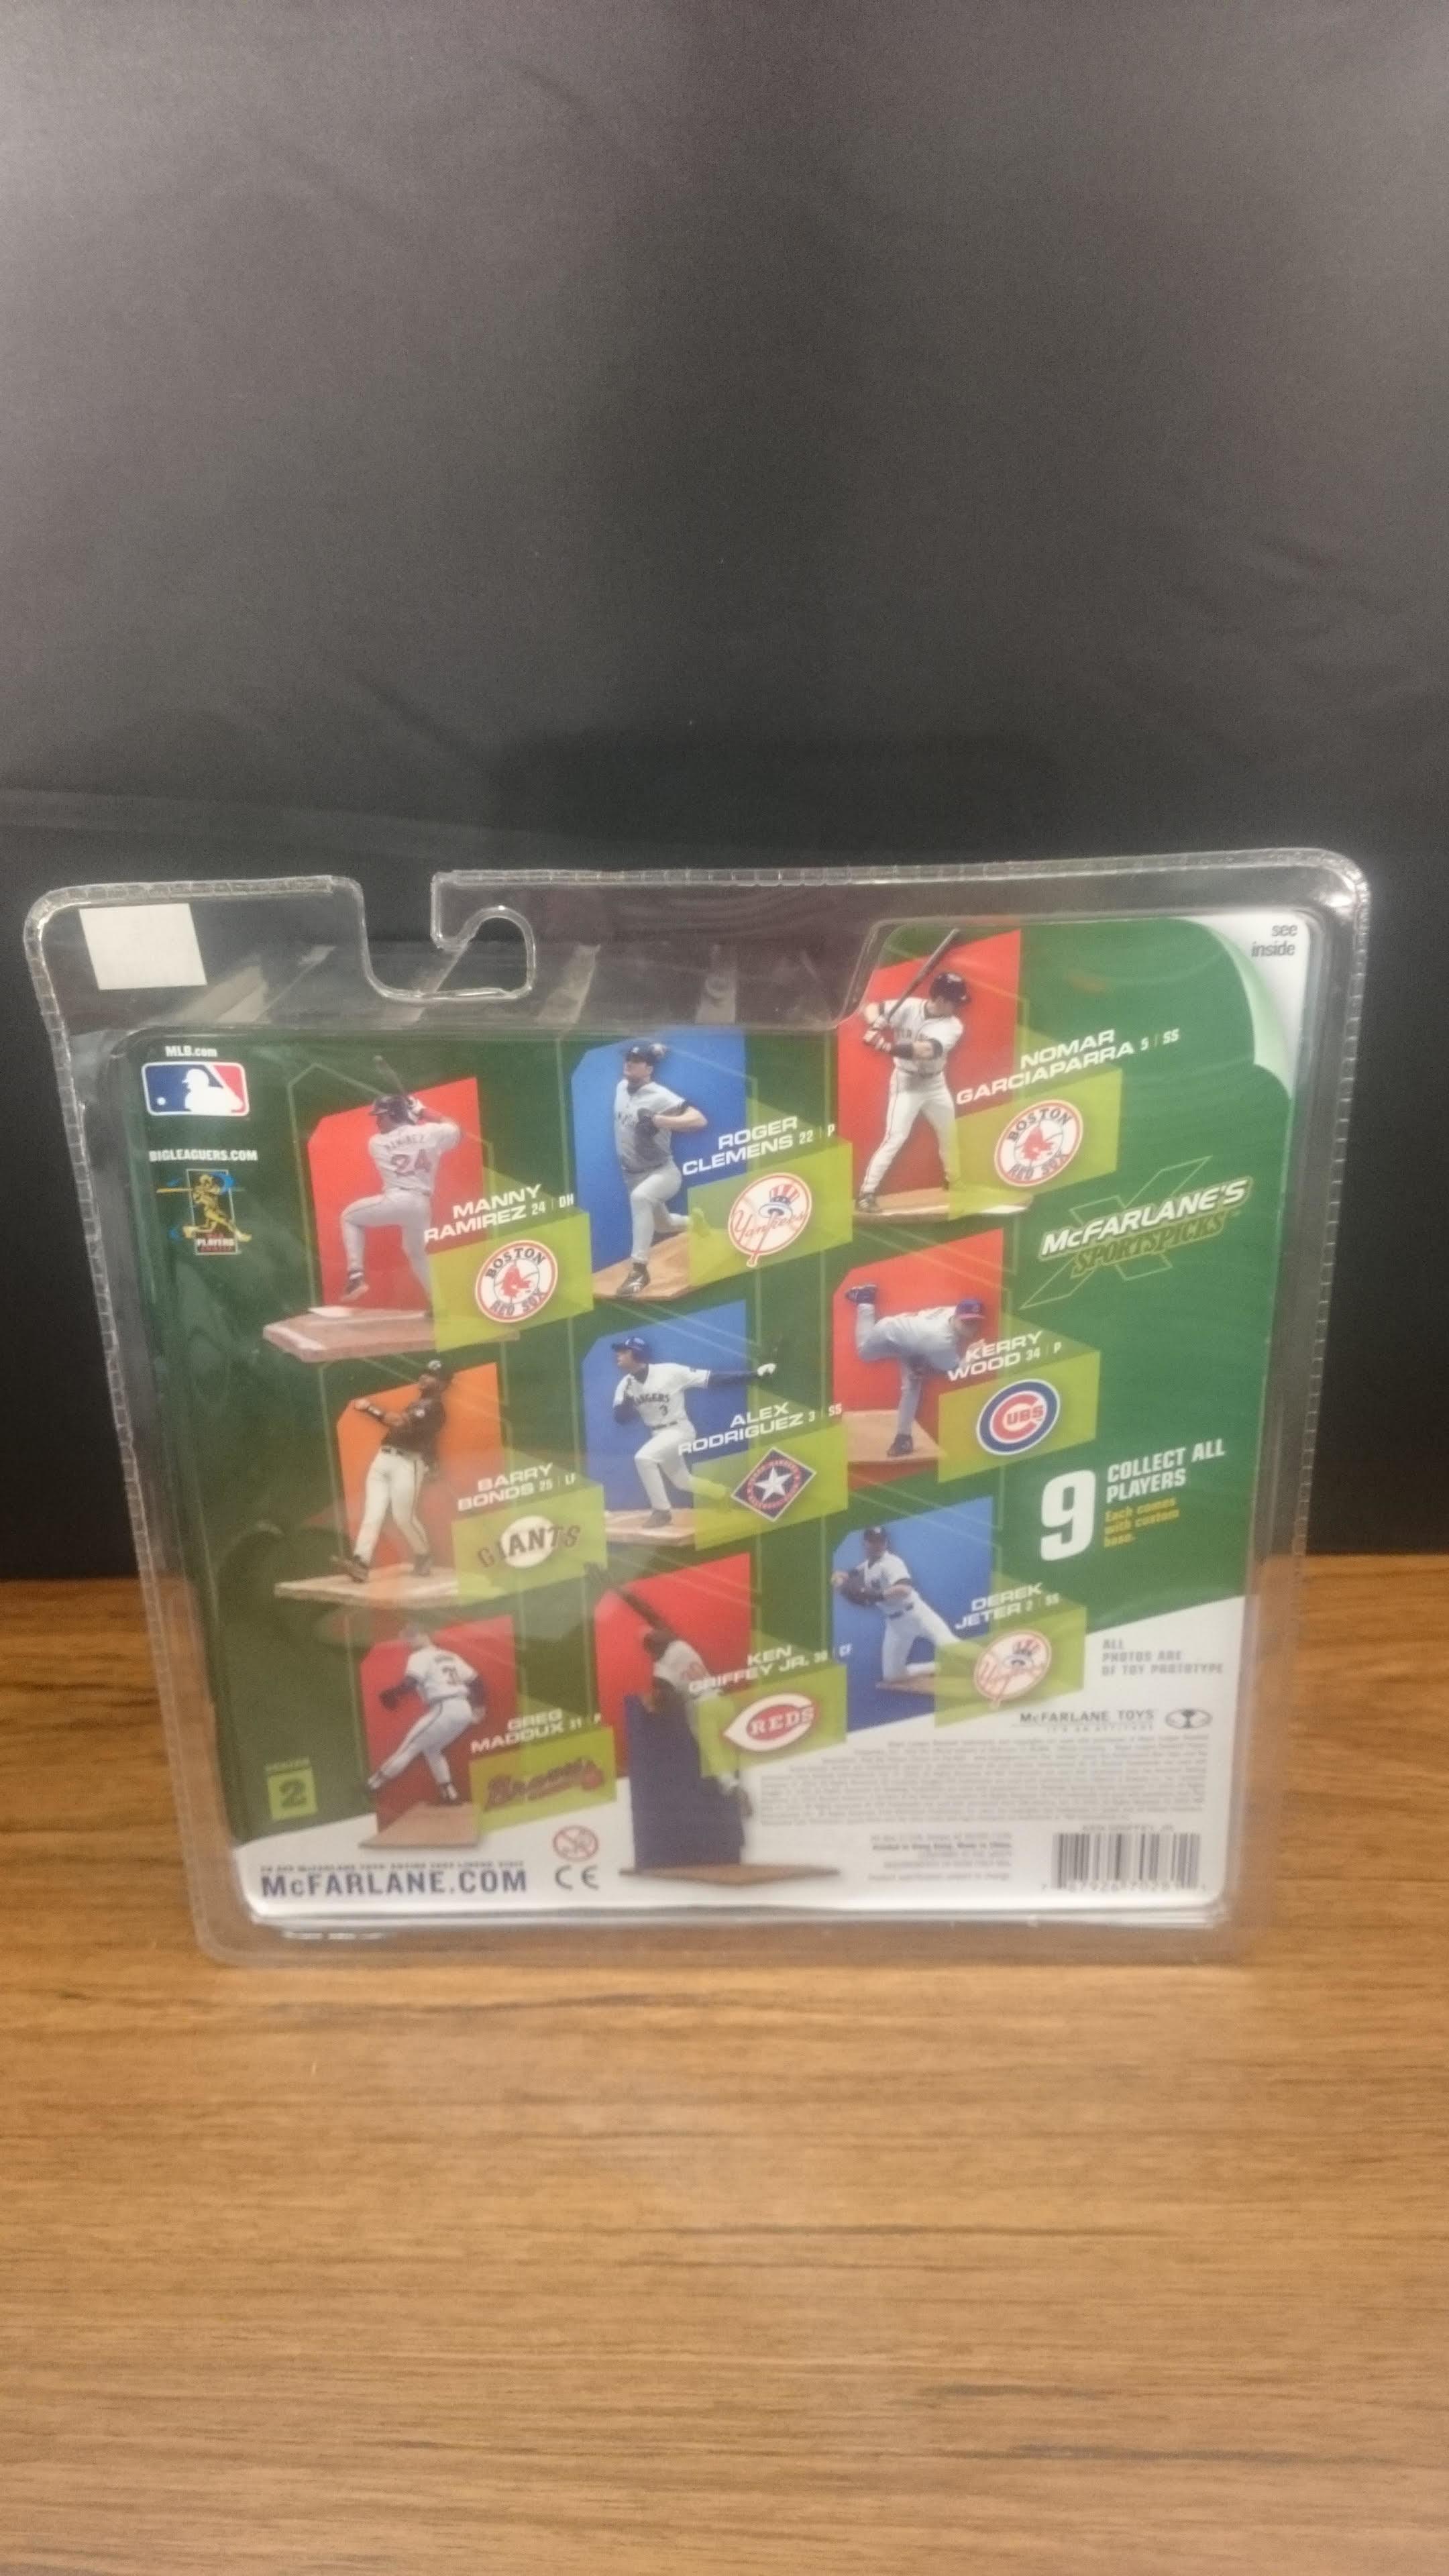 4b72a153fd ... 2002 Ken Griffey Jr Mariners Jersey Variant McFarlane Sportspick  Cincinnati Reds ...